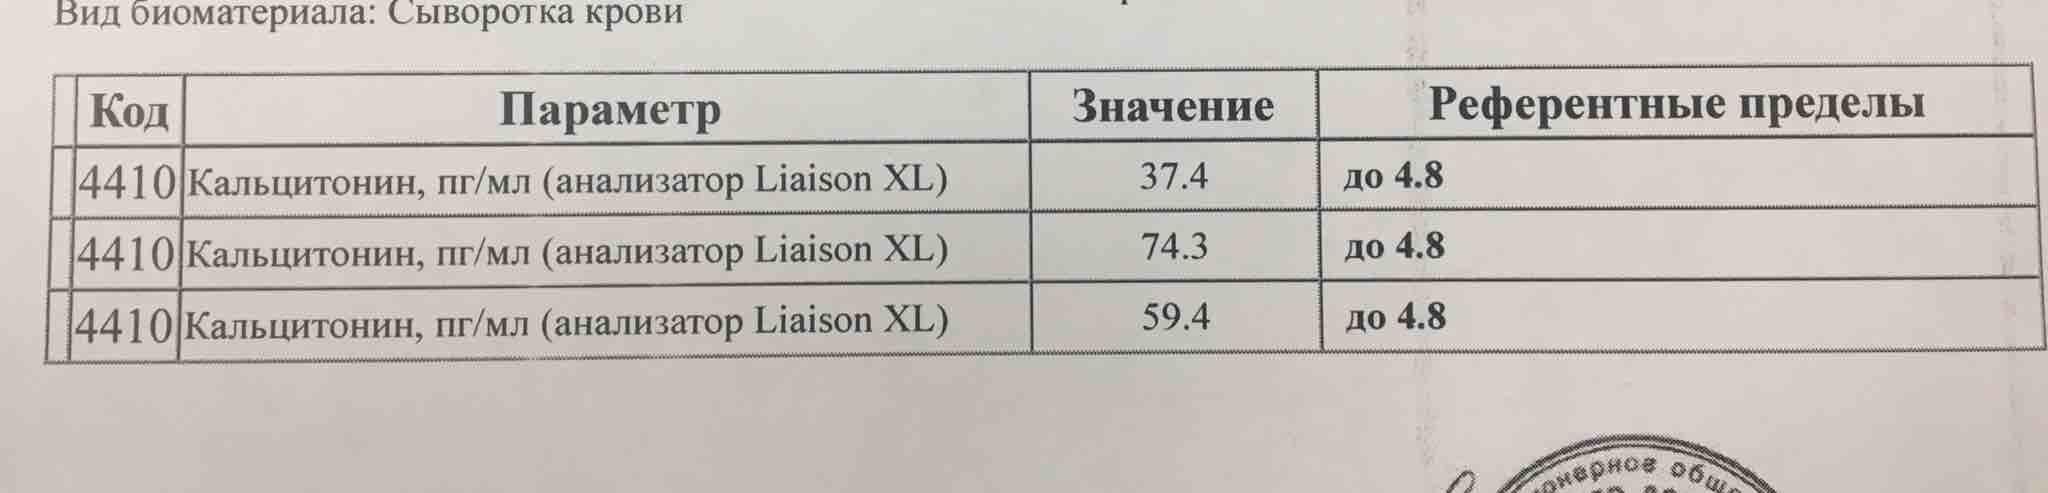 Анализ крови на кальцитонин: что показывает, норма уровня у женщин, расшифровка, как подготовиться